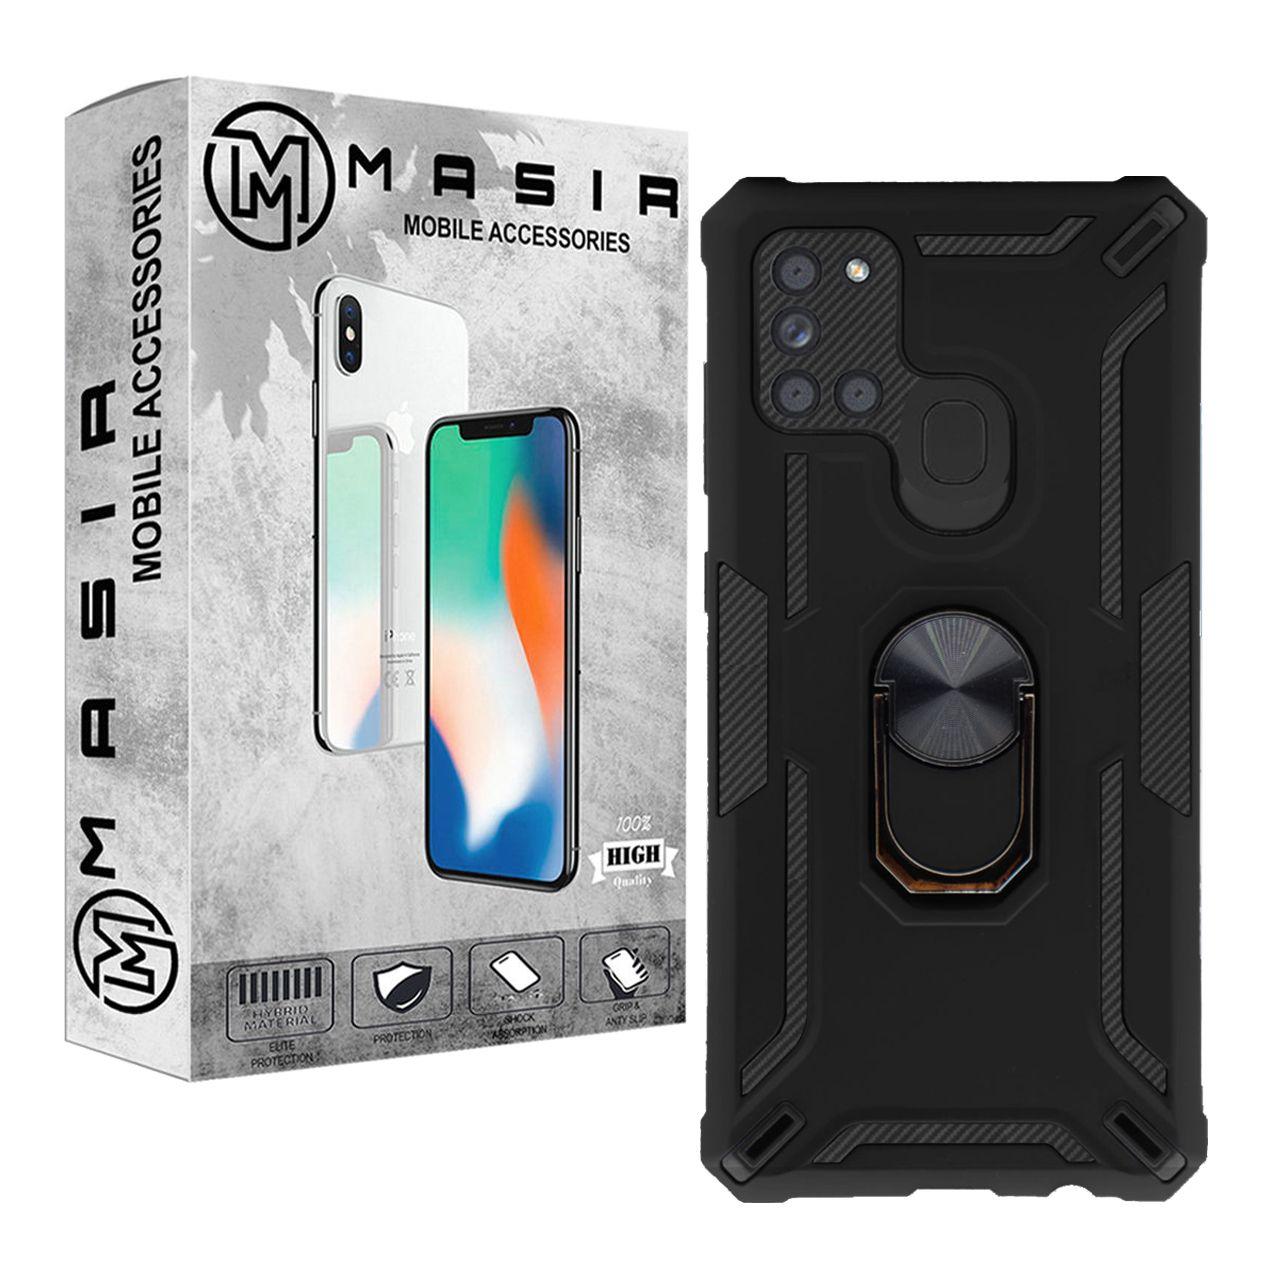 کاور مسیر مدل MDEFENFERJMJM-1 مناسب برای گوشی موبایل سامسونگ Galaxy A21S